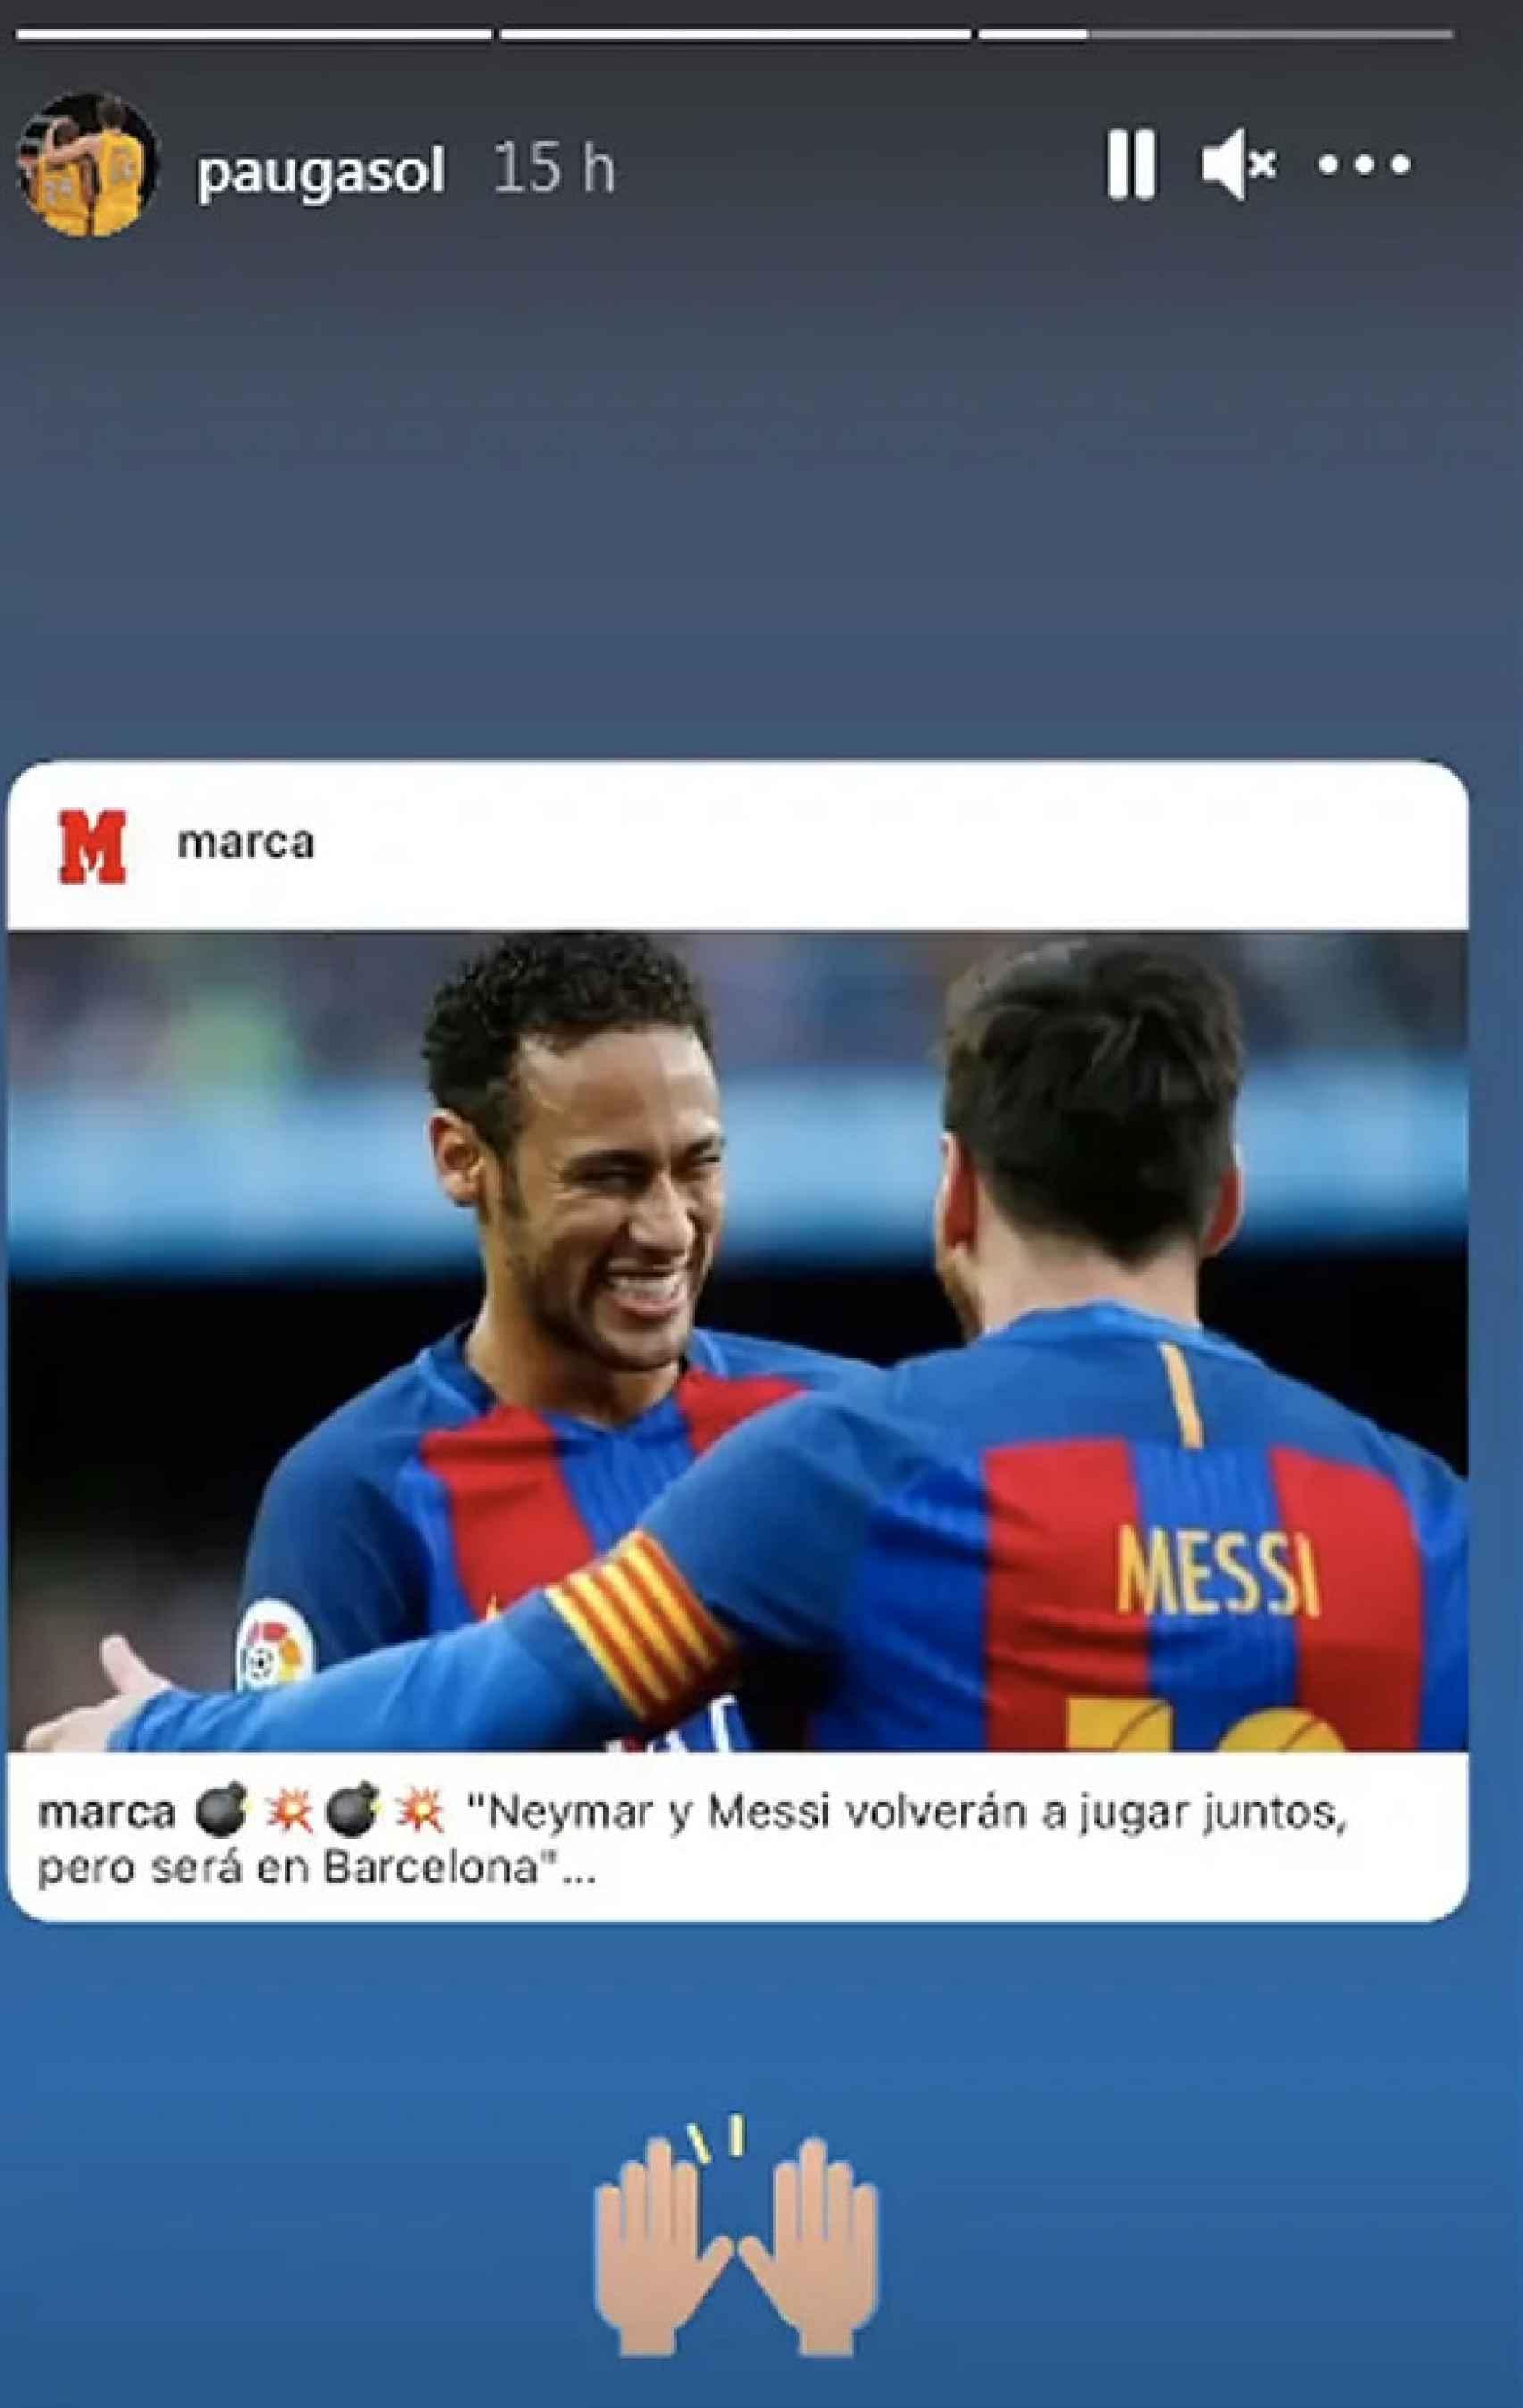 El mensaje de Pau Gasol a Neymar